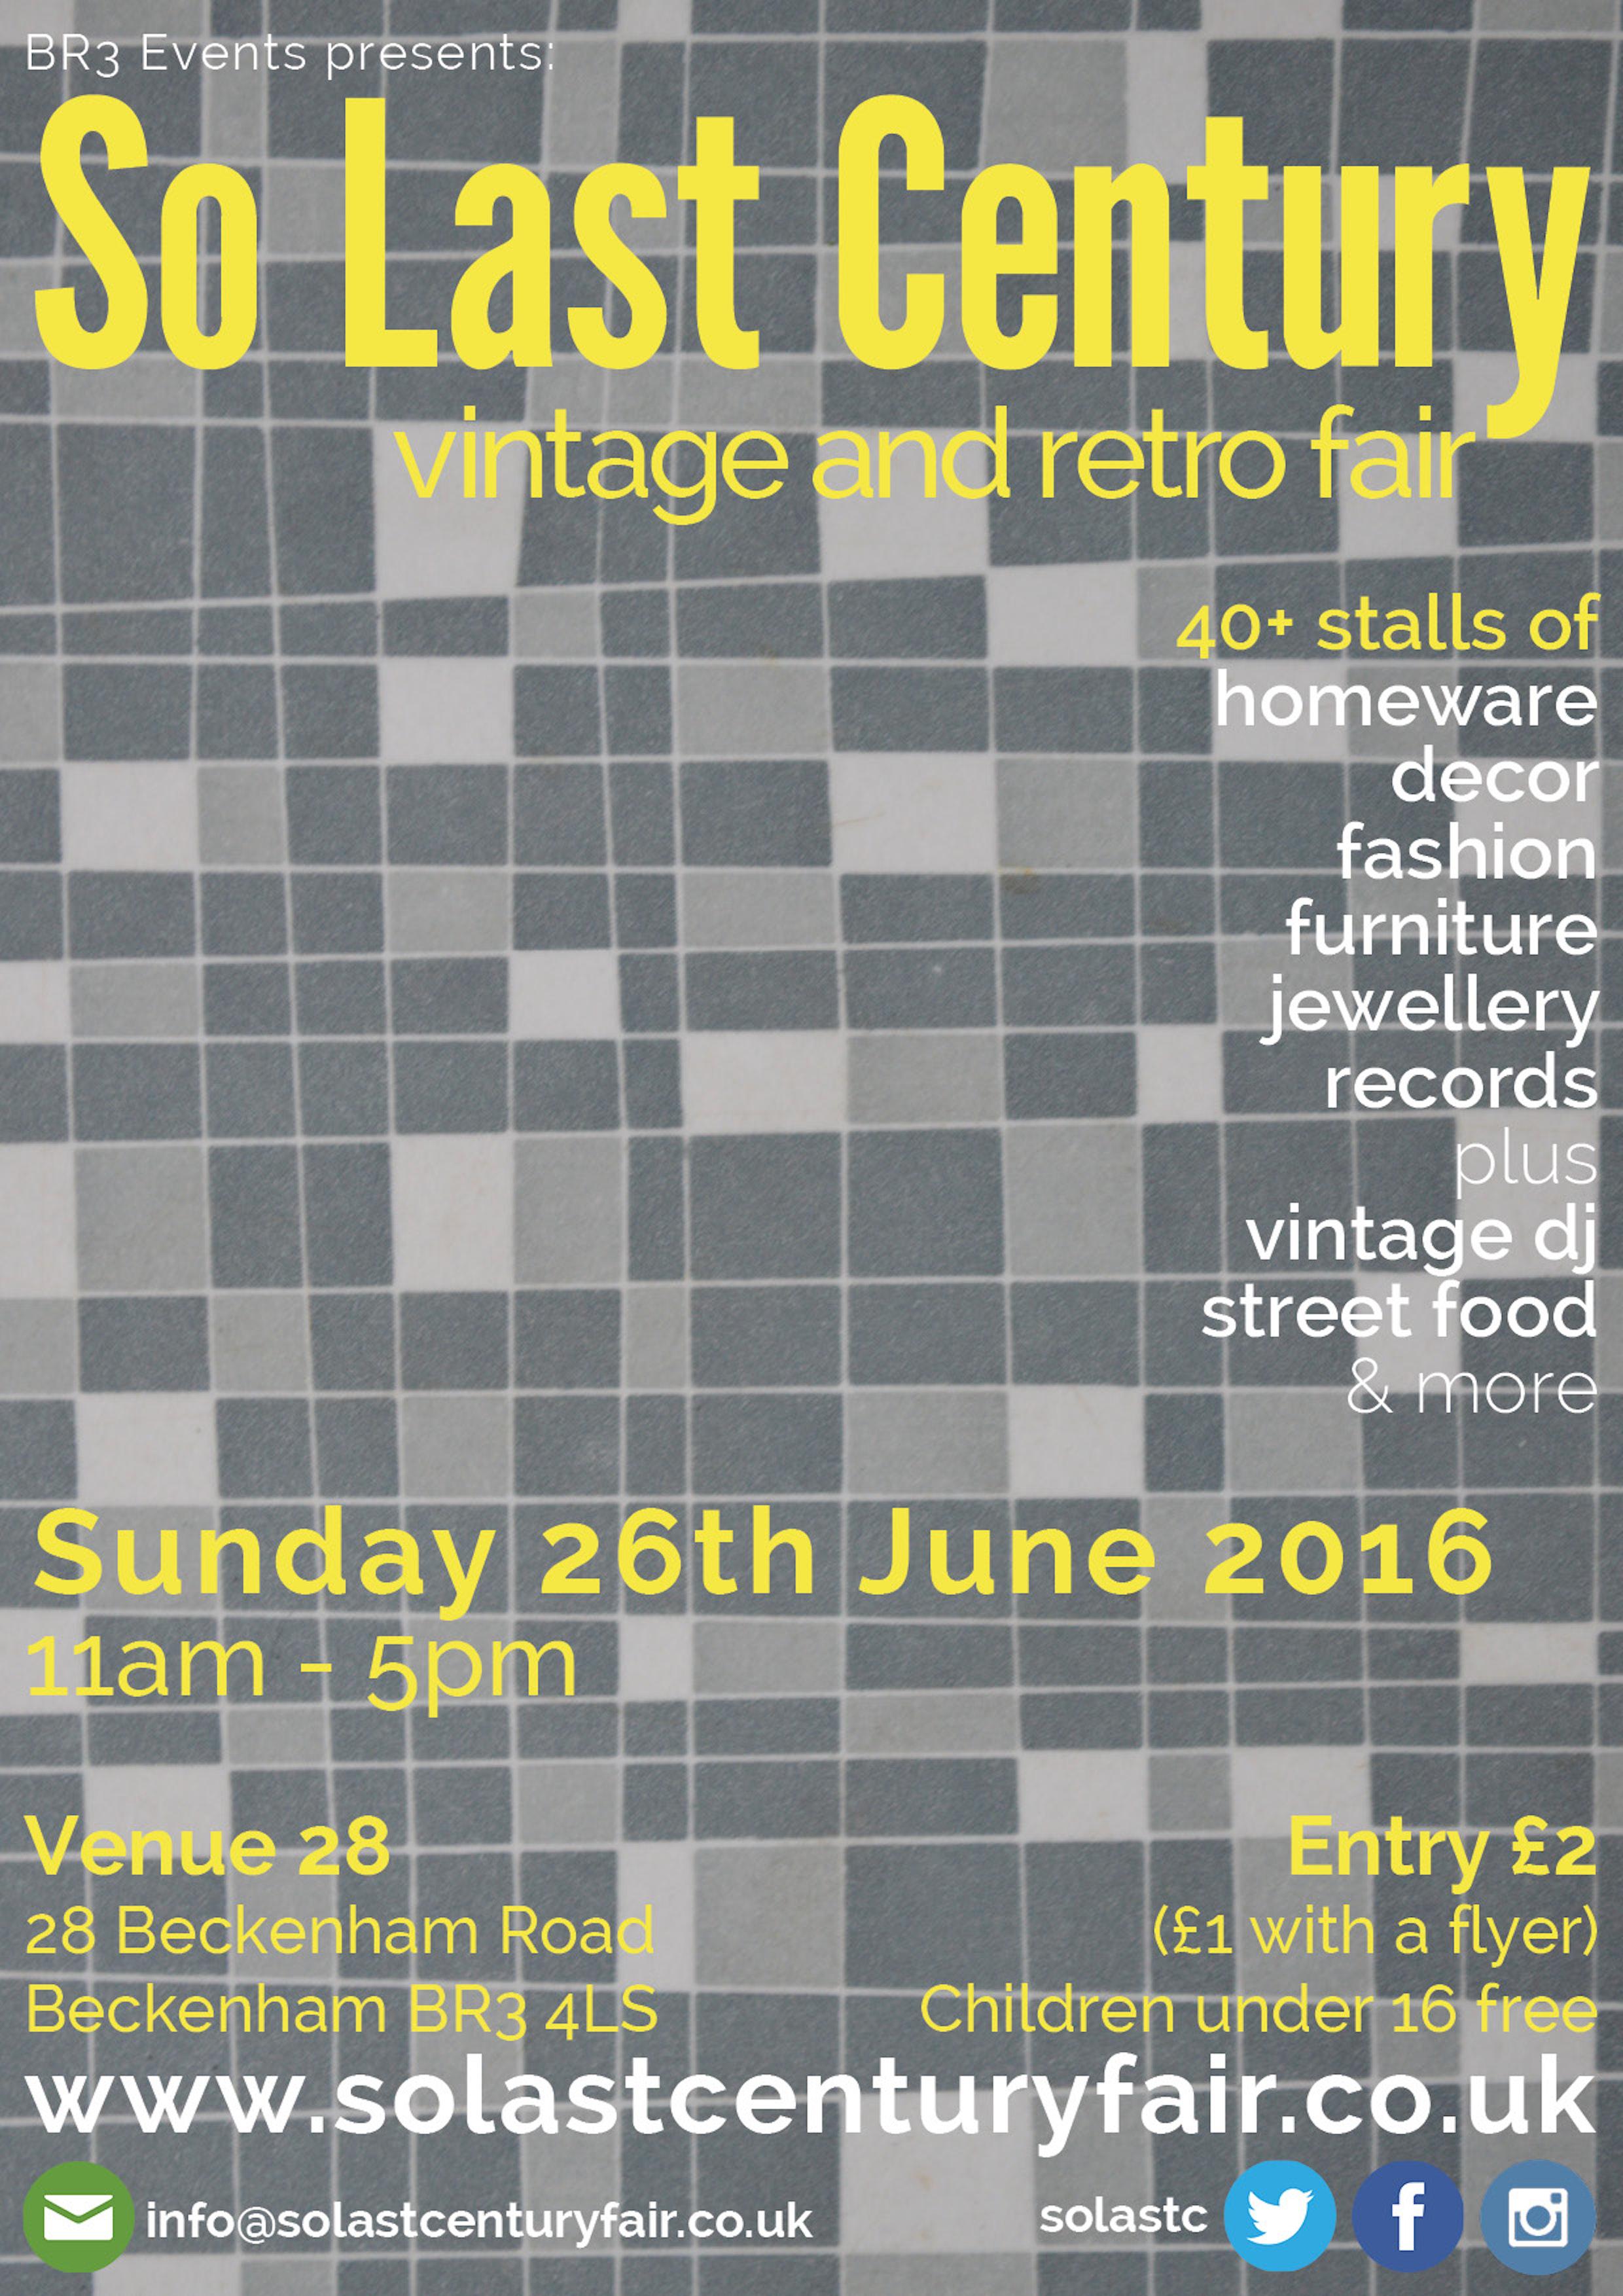 6. Poster June 2016 V28.jpg